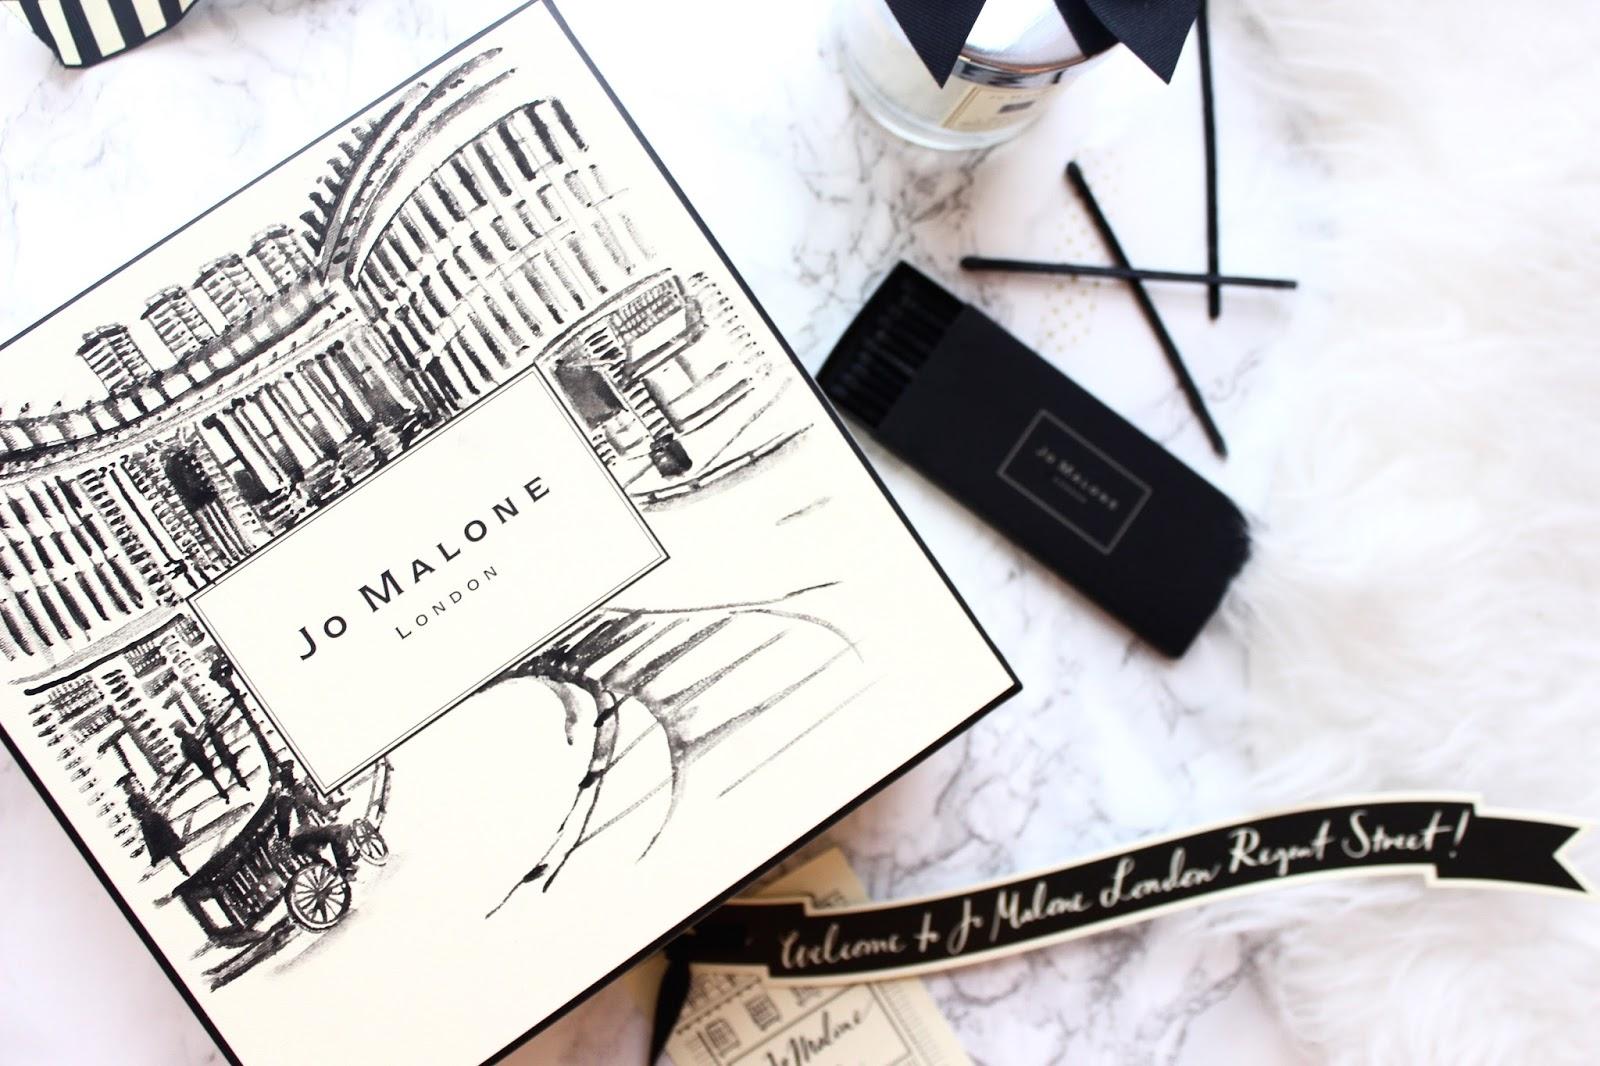 Jo Malone London Regent Street Store